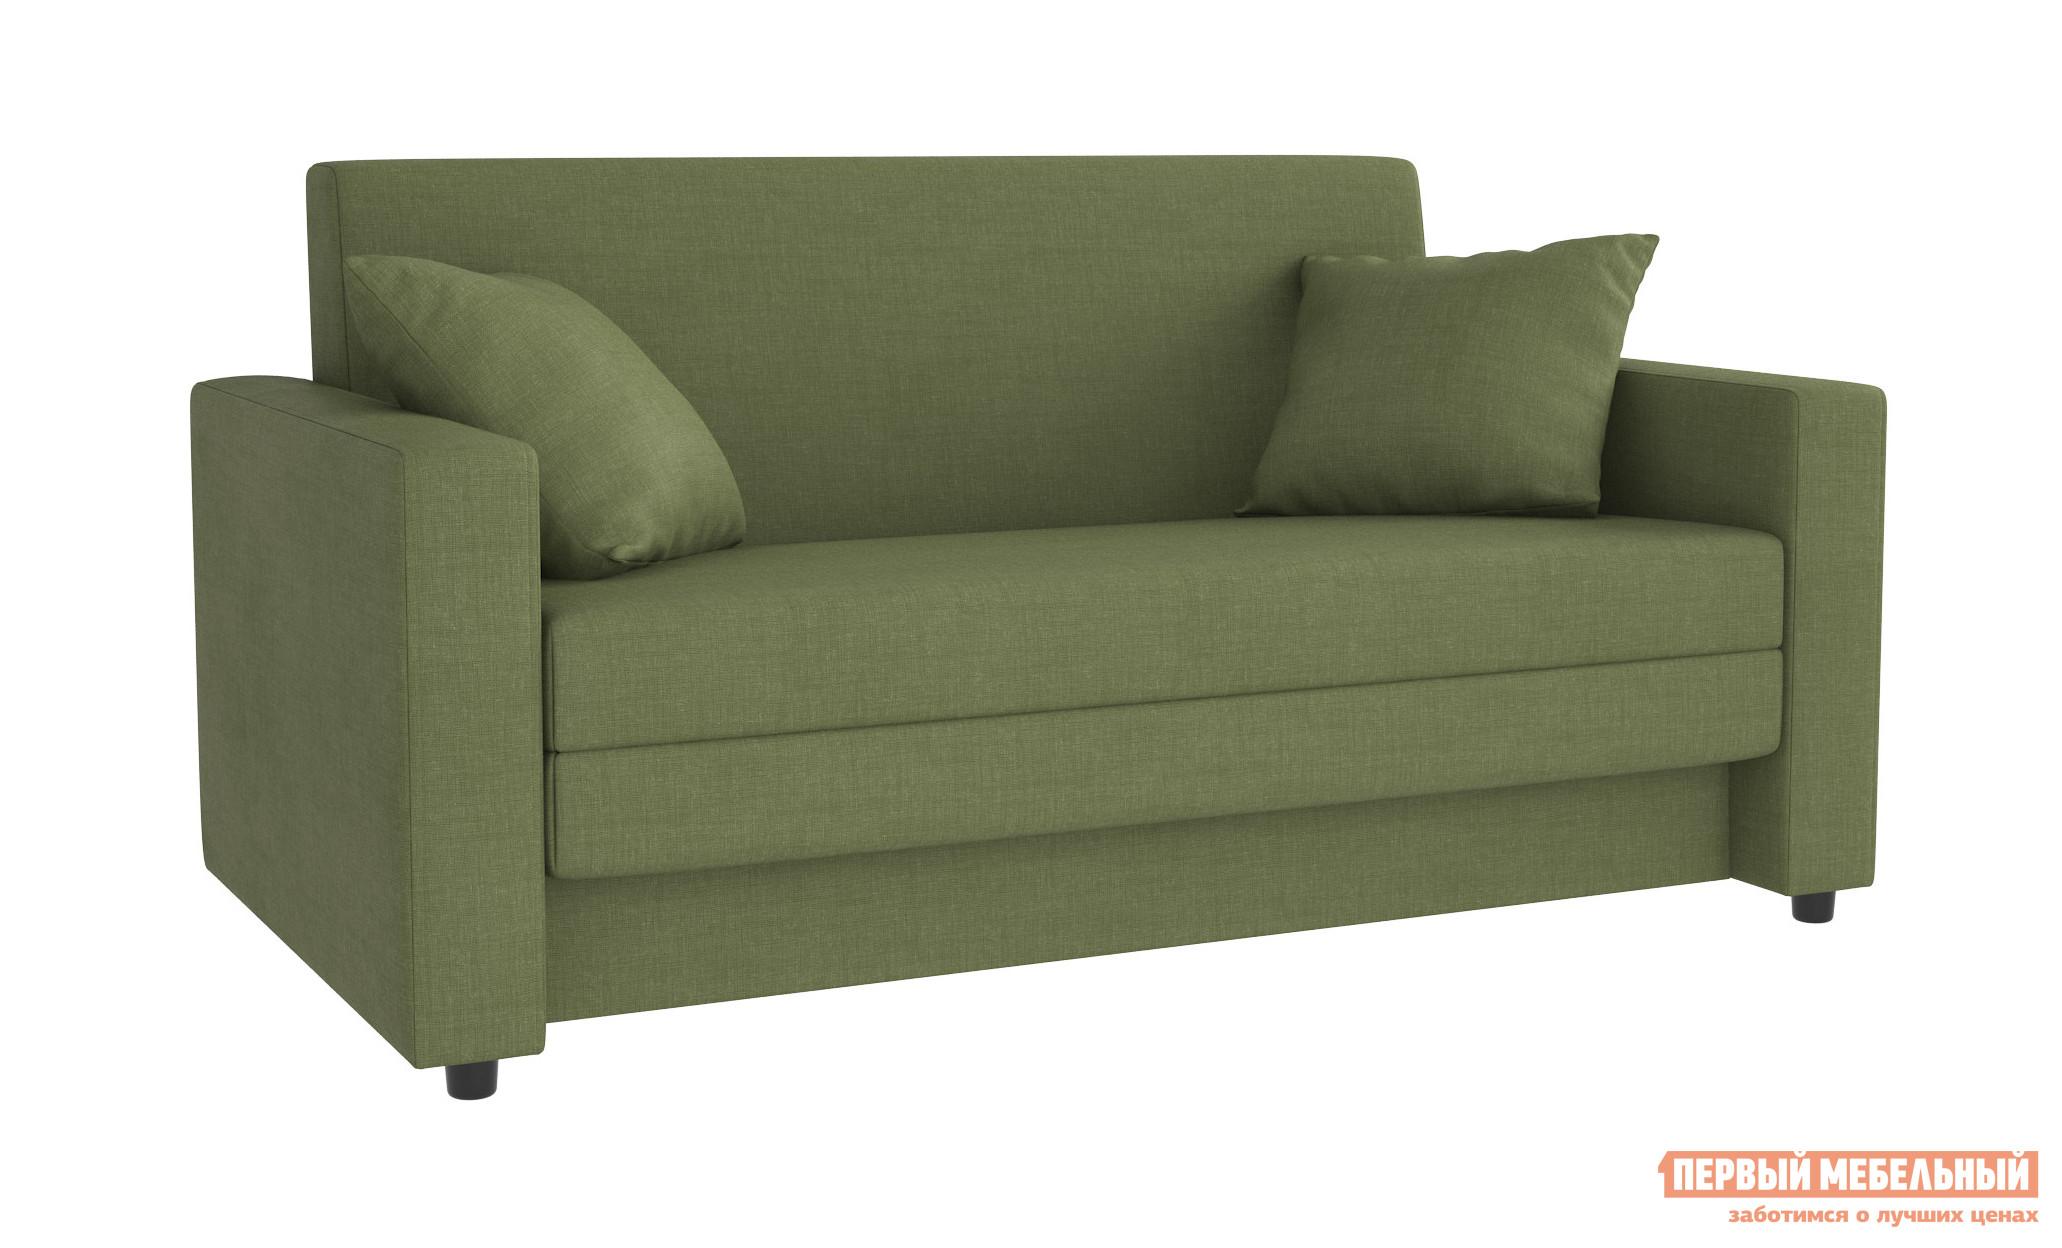 Фото Диван Первый Мебельный Ганс Гринери, зеленая рогожка. Купить с доставкой